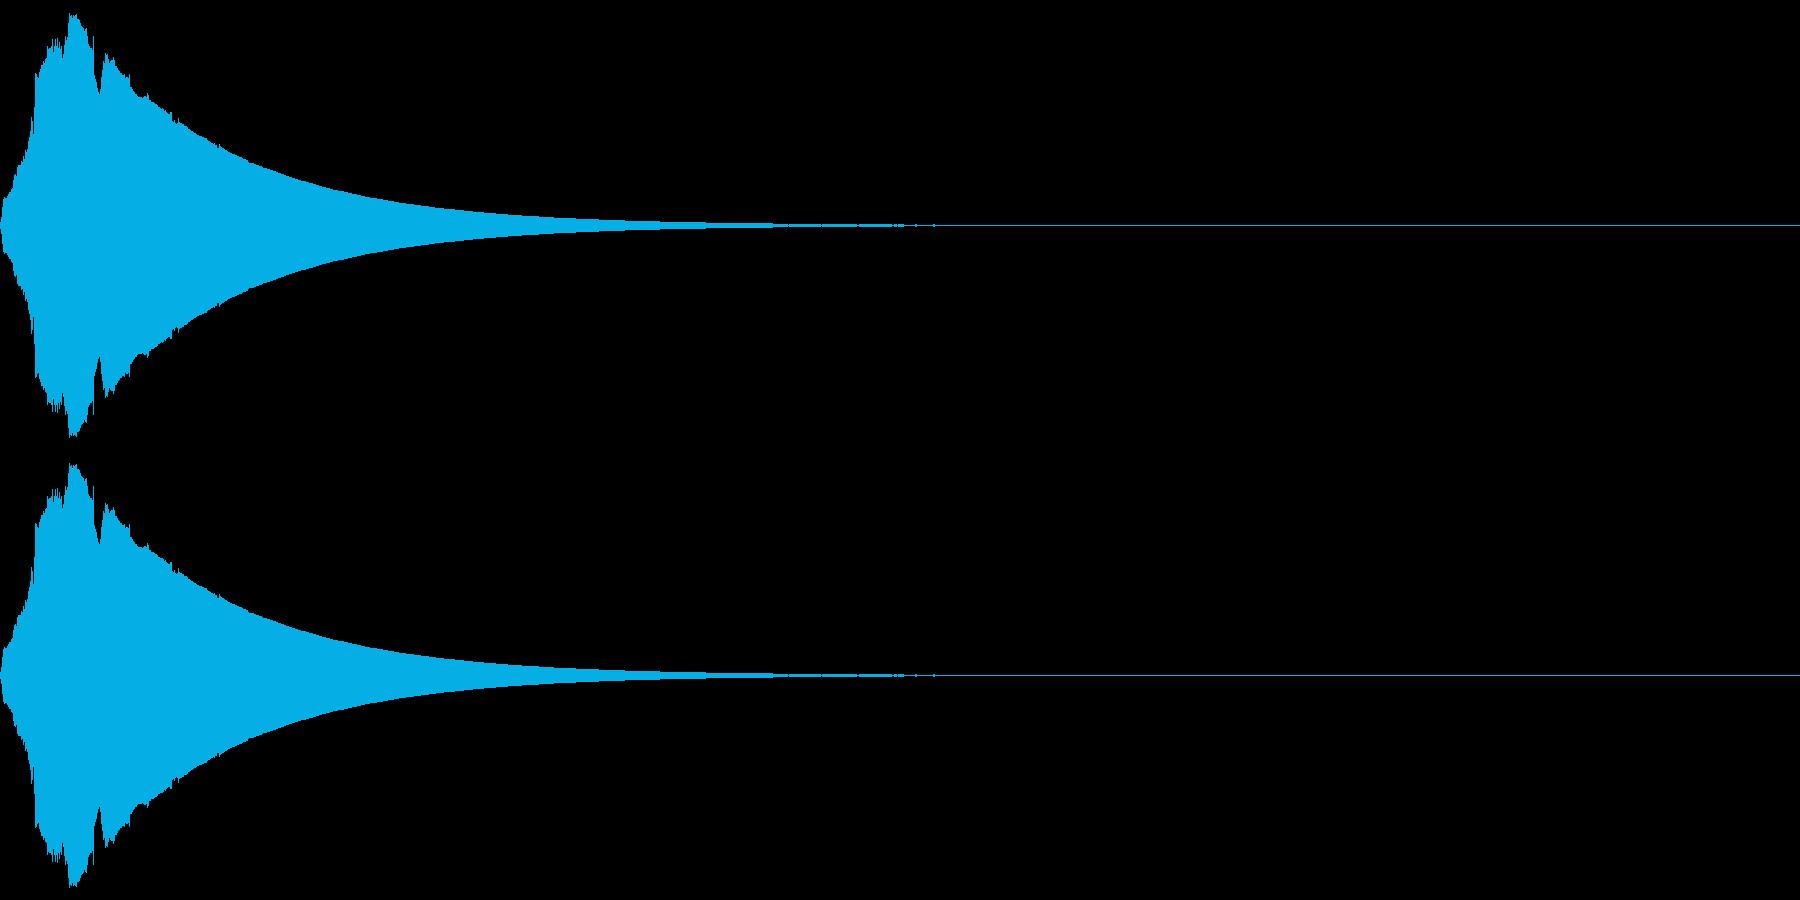 ピューン(低下_ダウン_長め)の再生済みの波形